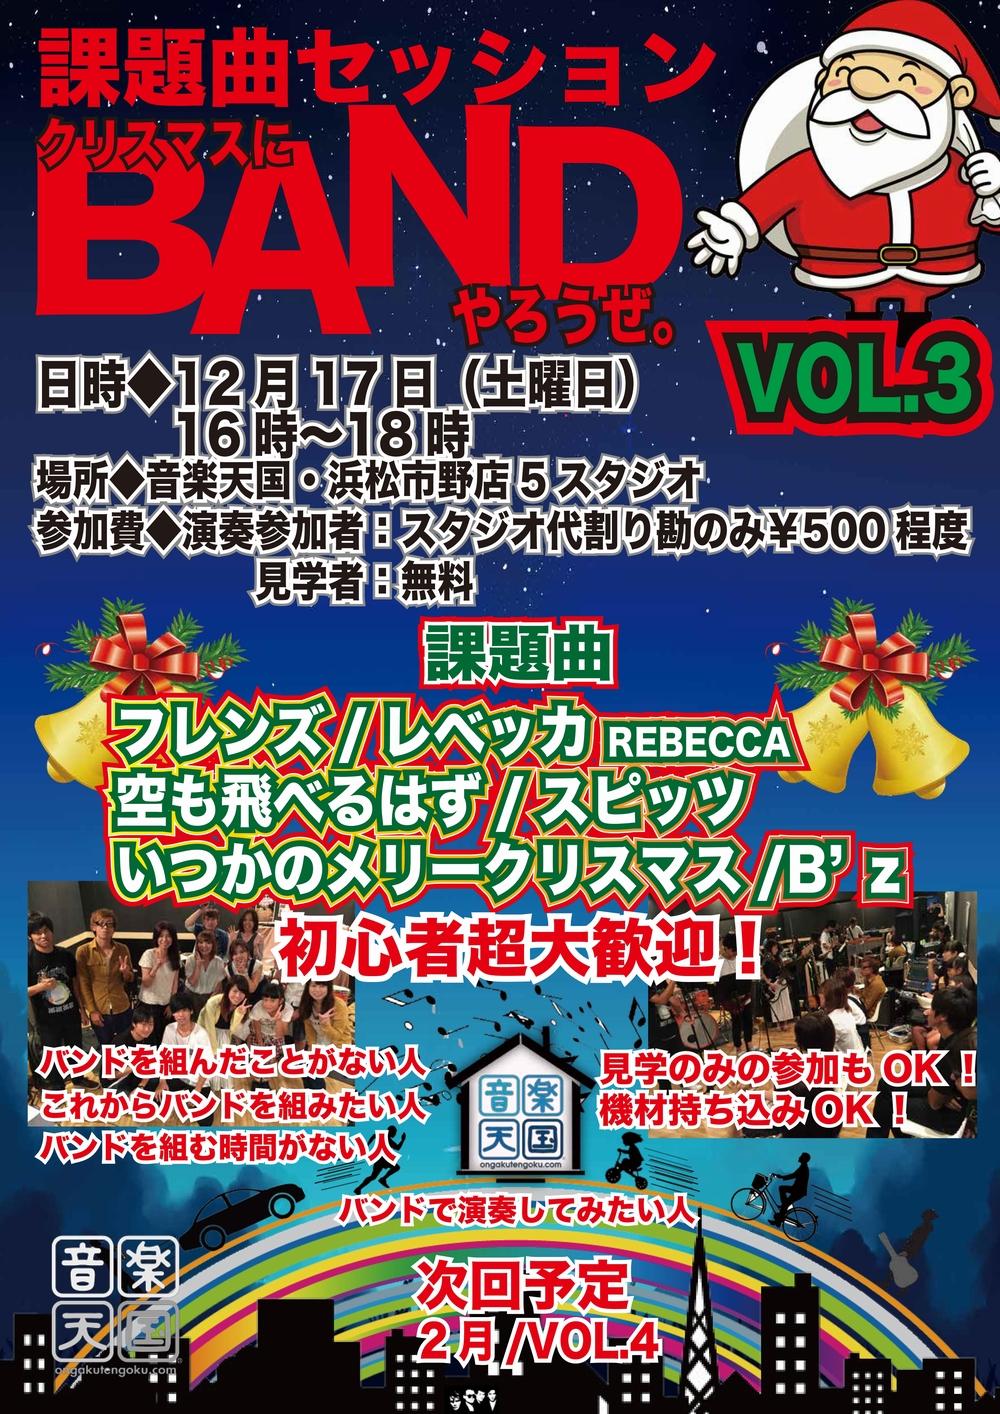 【課題曲セッション】X'masにBANDやろうぜVol.3音楽天国・浜松市野店12月17日(土)好評開催